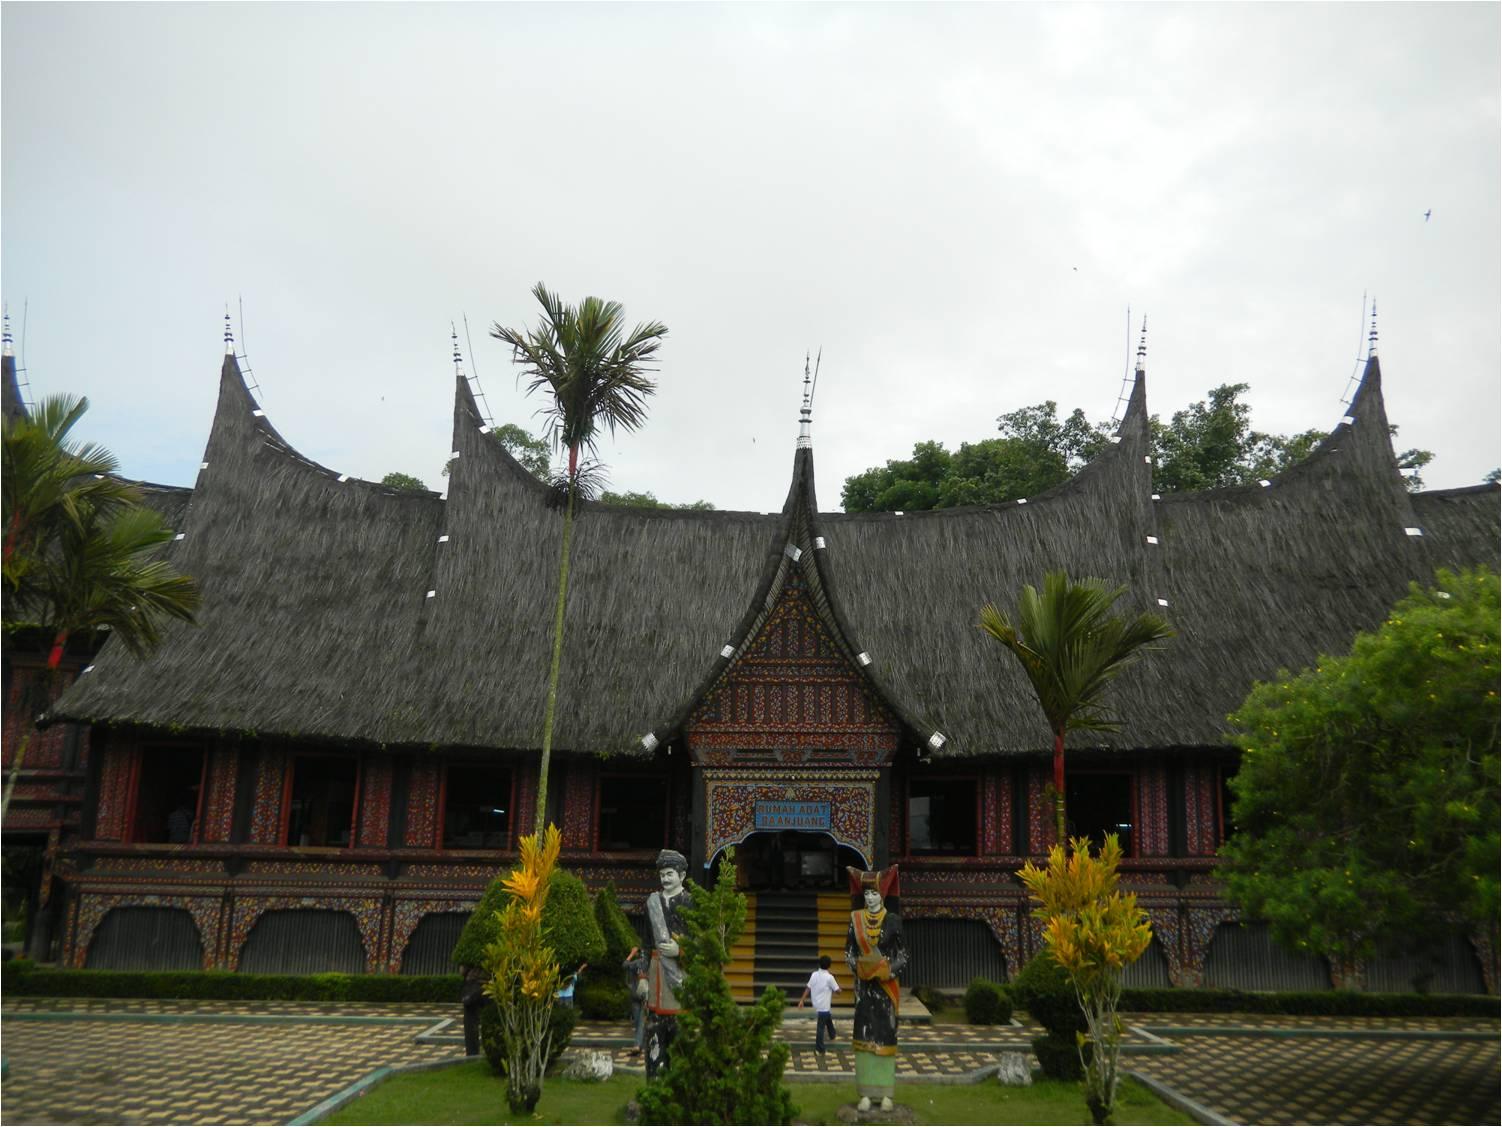 Download this Rumah Gadang Baanjuang Padang Panjang picture